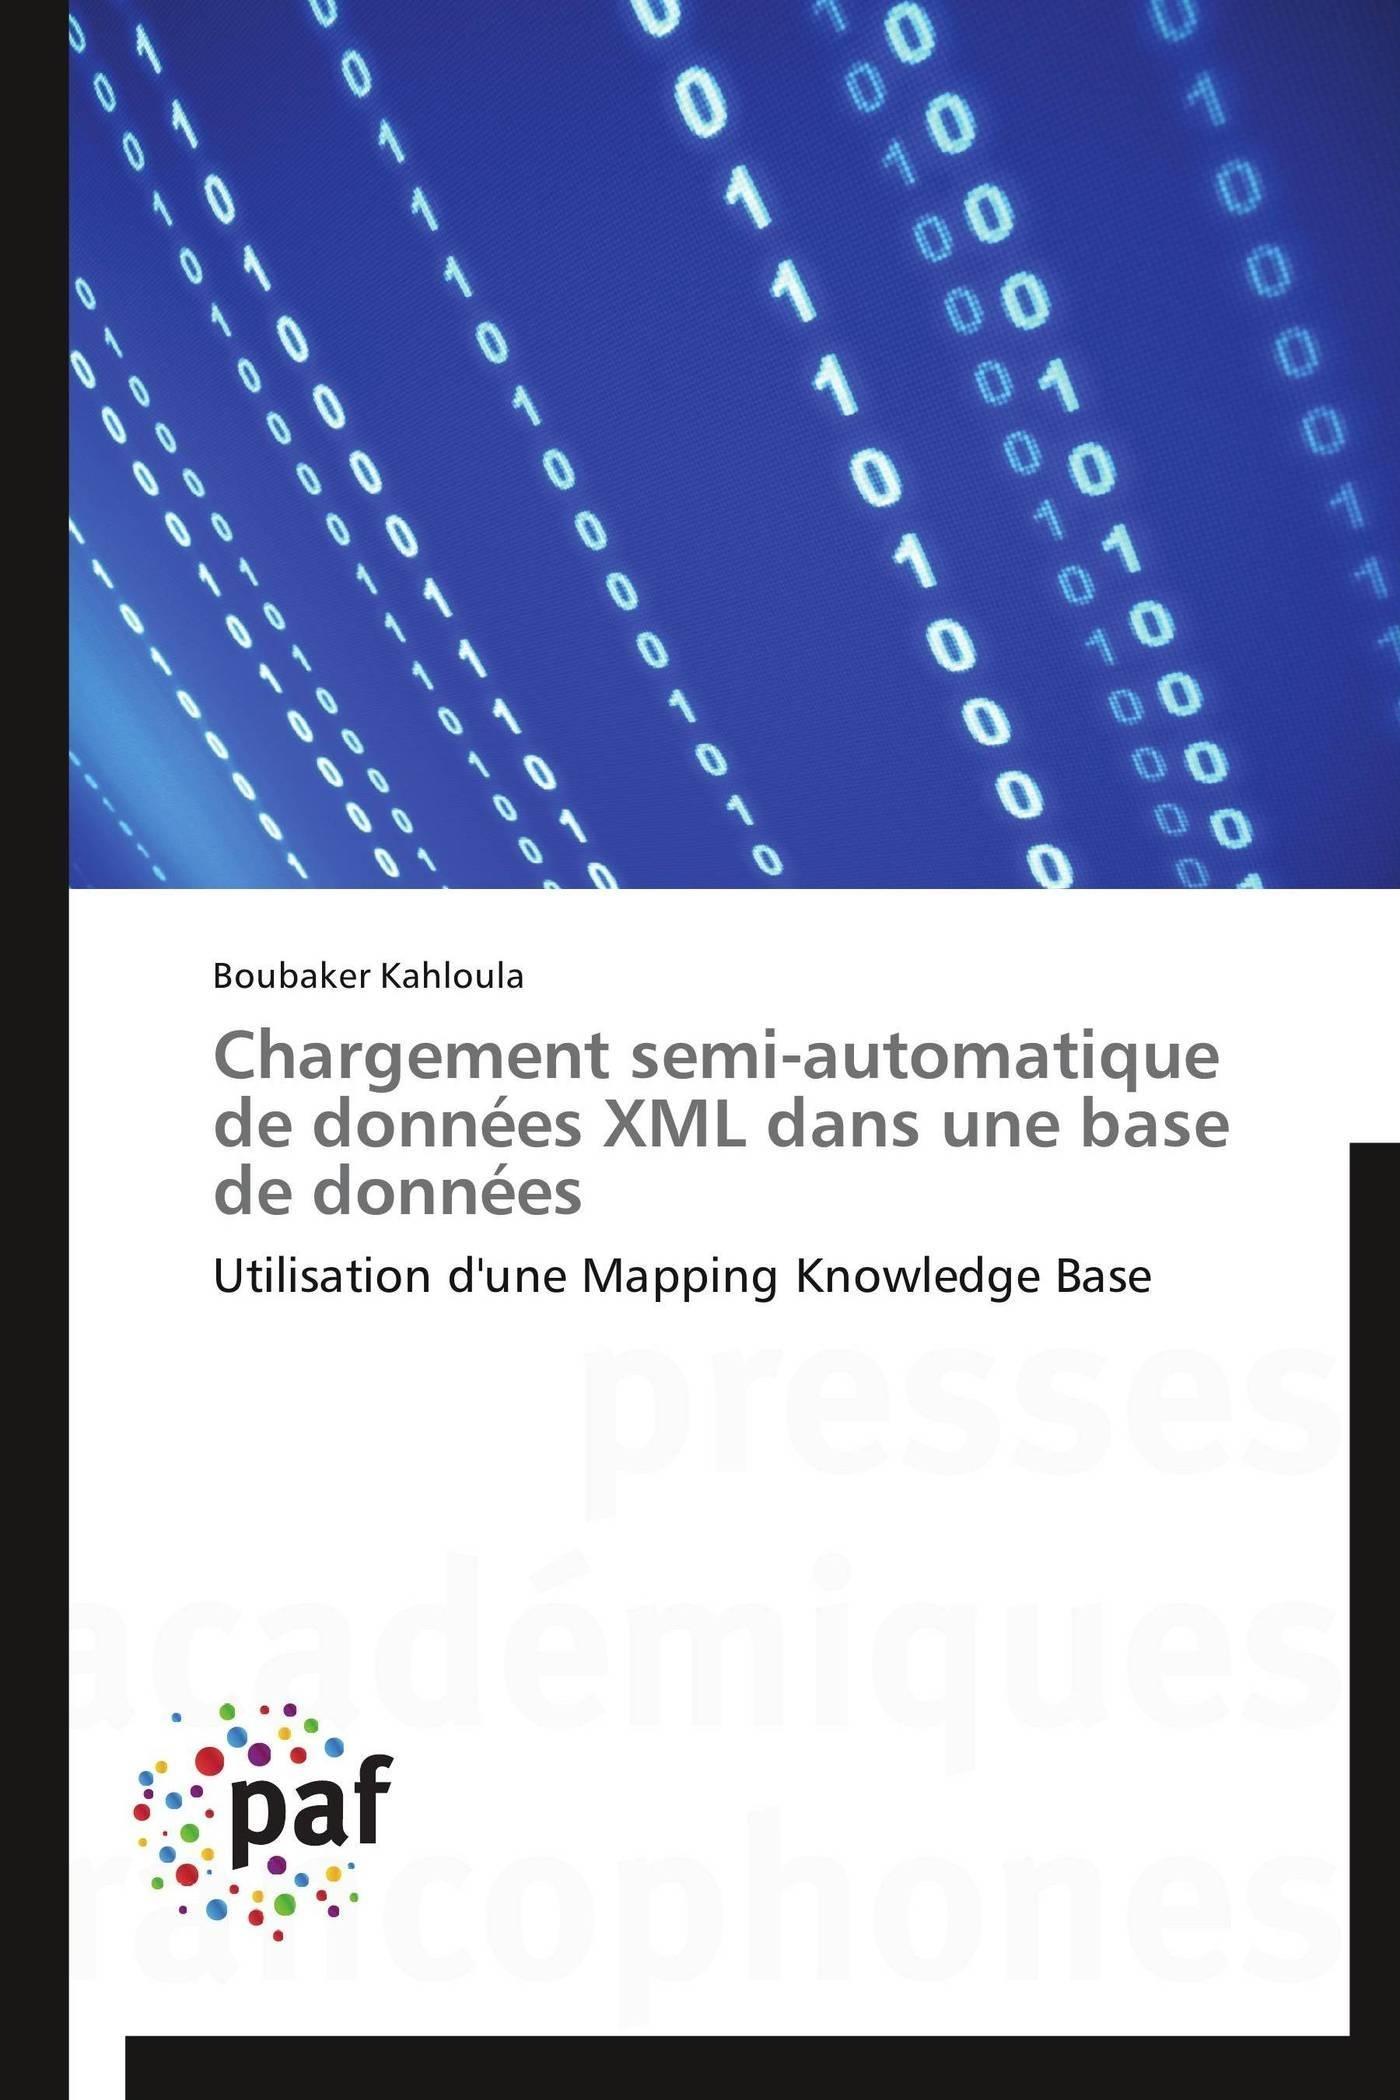 CHARGEMENT SEMI-AUTOMATIQUE DE DONNEES XML DANS UNE BASE DE DONNEES